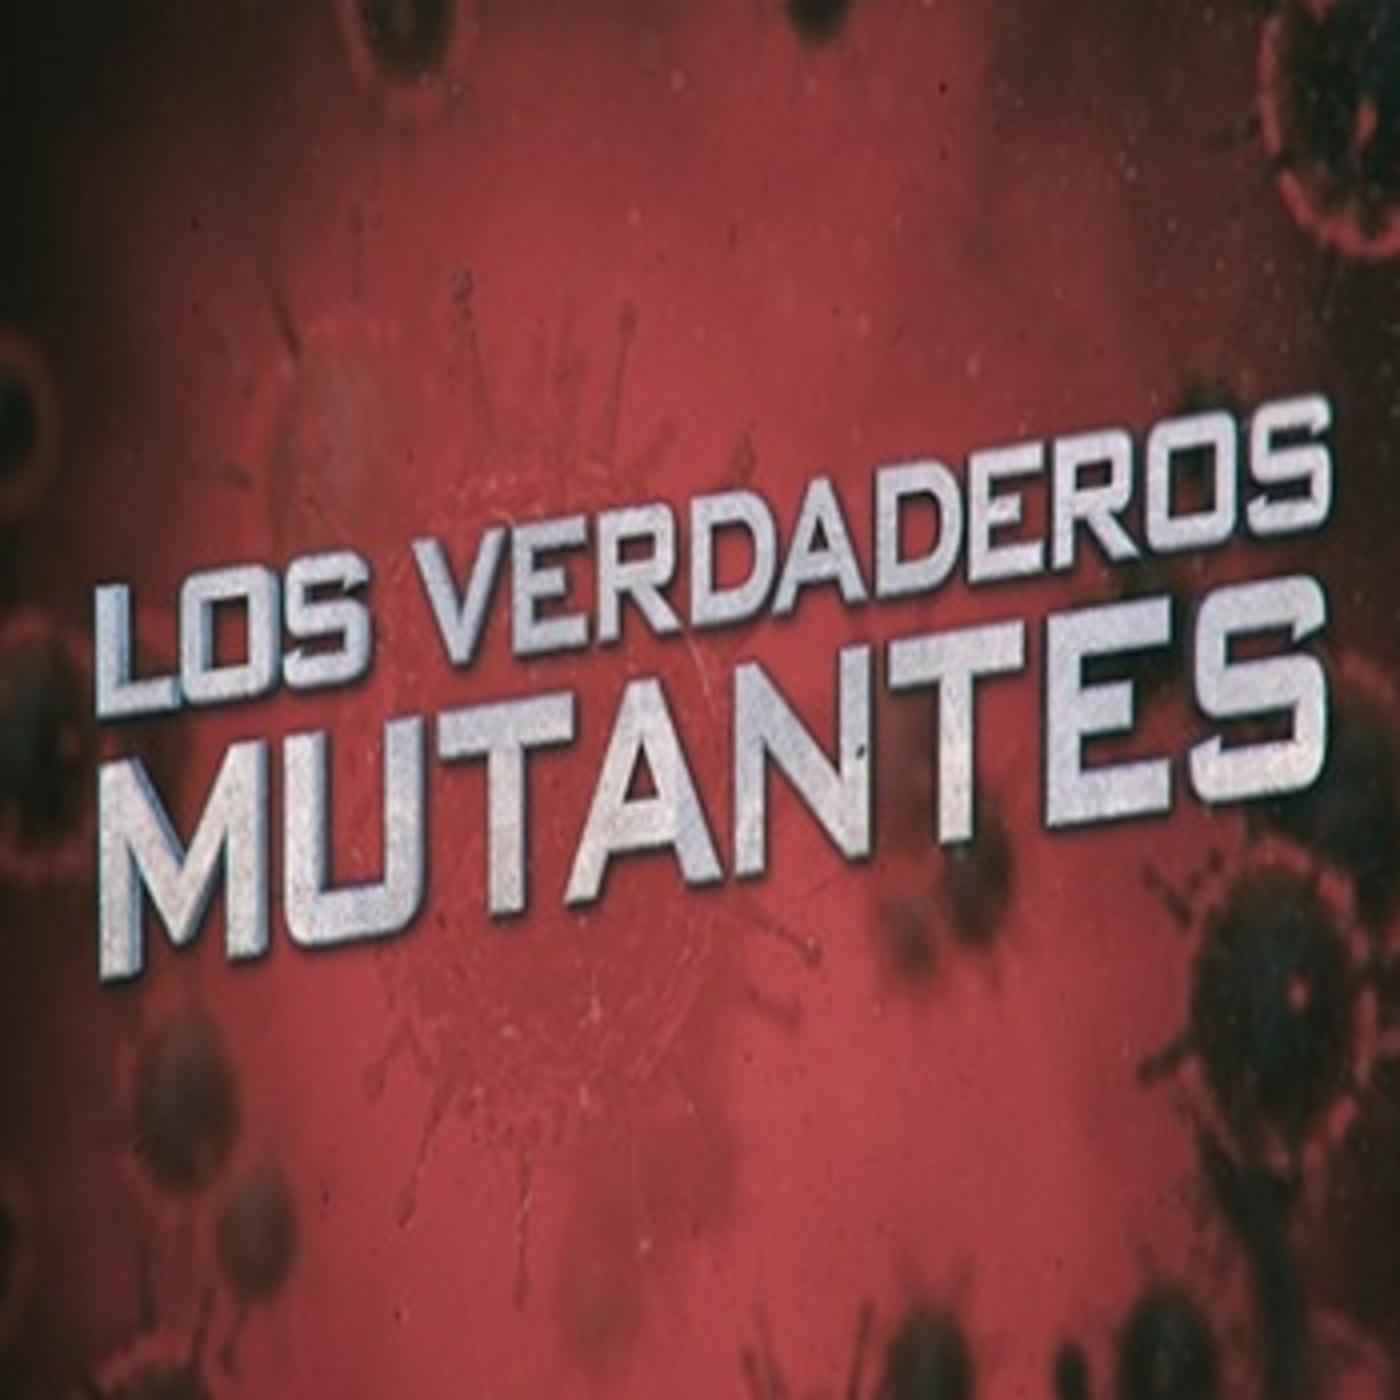 Cuarto milenio (16/06/2019) 14x40: Los verdaderos mutantes ...